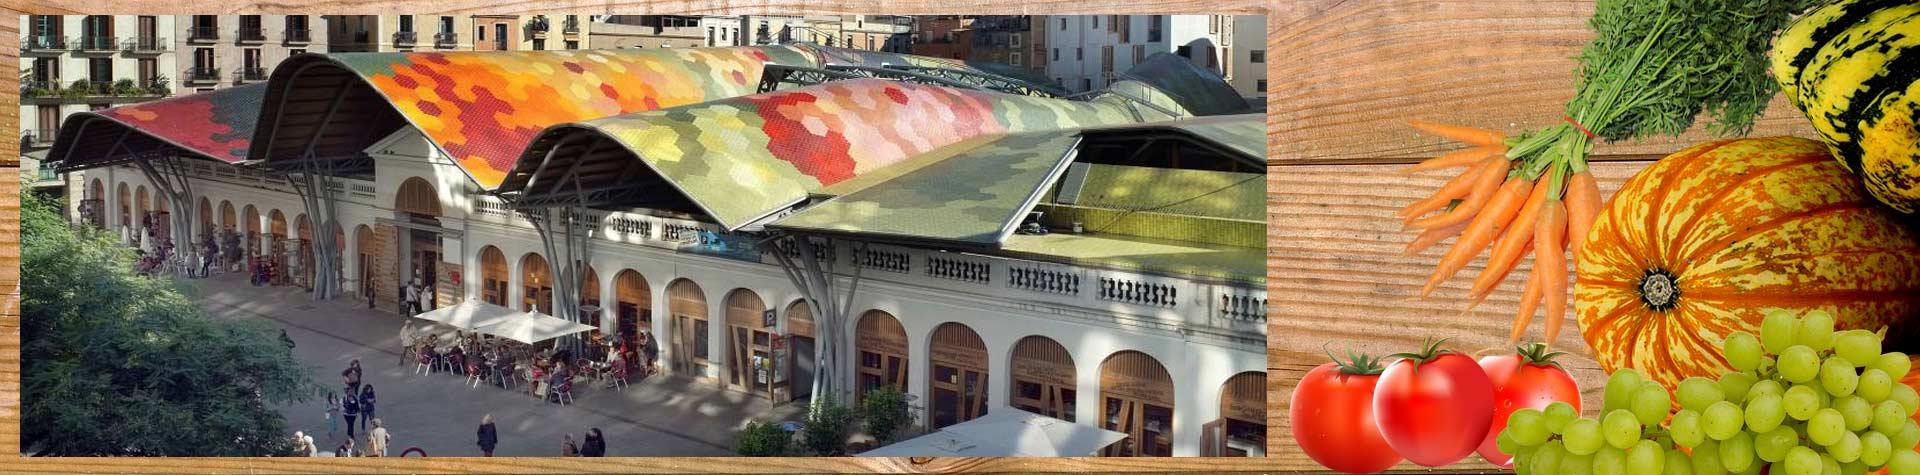 mercat-santa-caterina-1